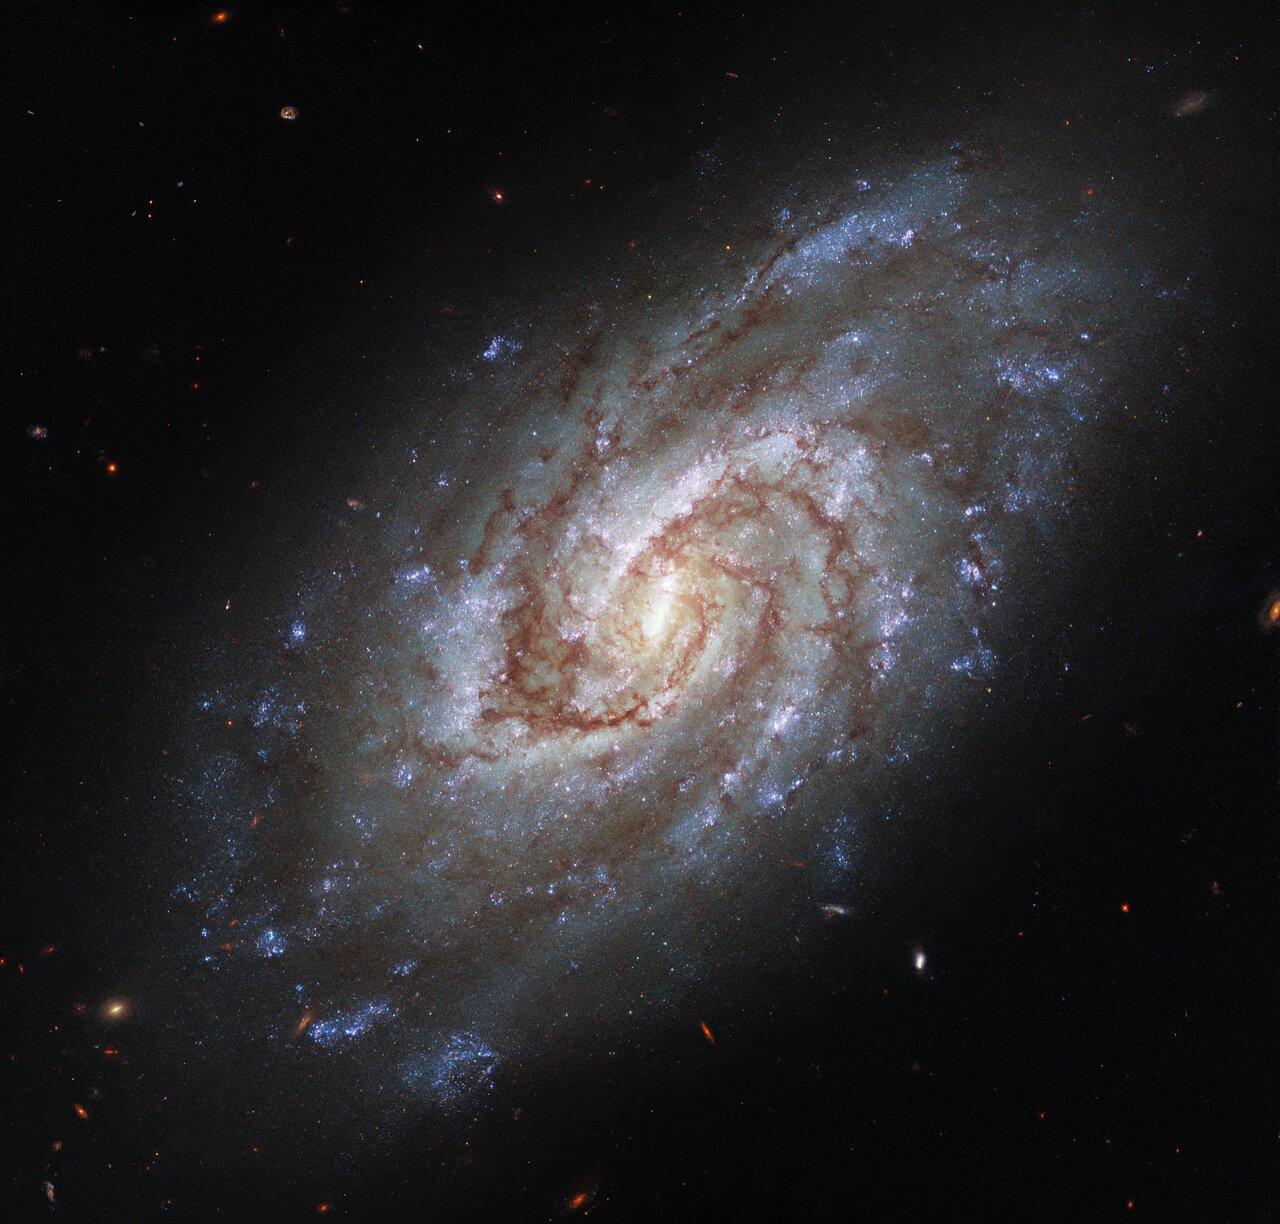 Portrait of a Swirling Galaxy